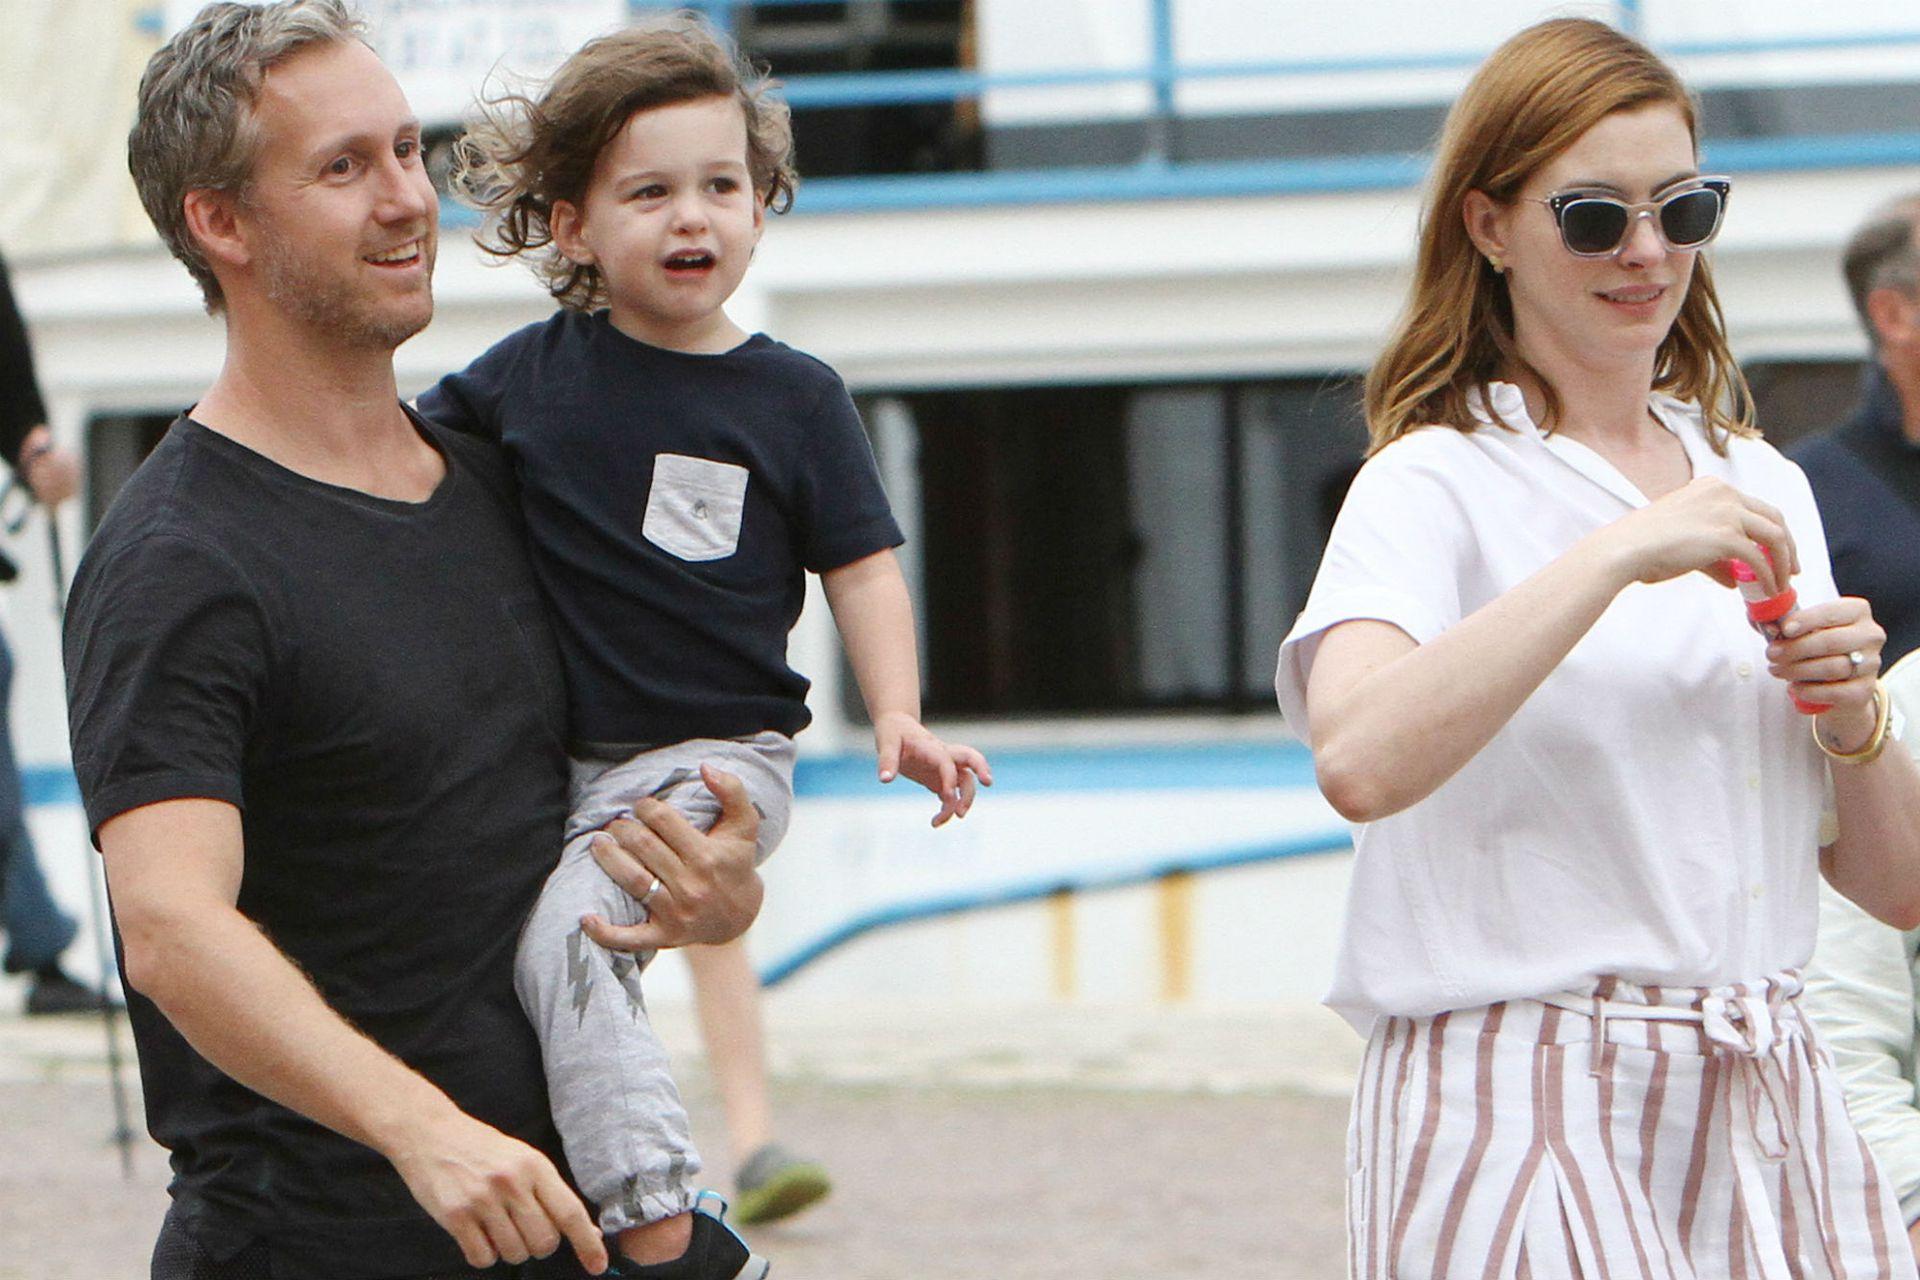 El presente de Anne: la actriz de 35 años formó una familia junto a Schulman, con quien tiene un hijo de dos años, Jonathan